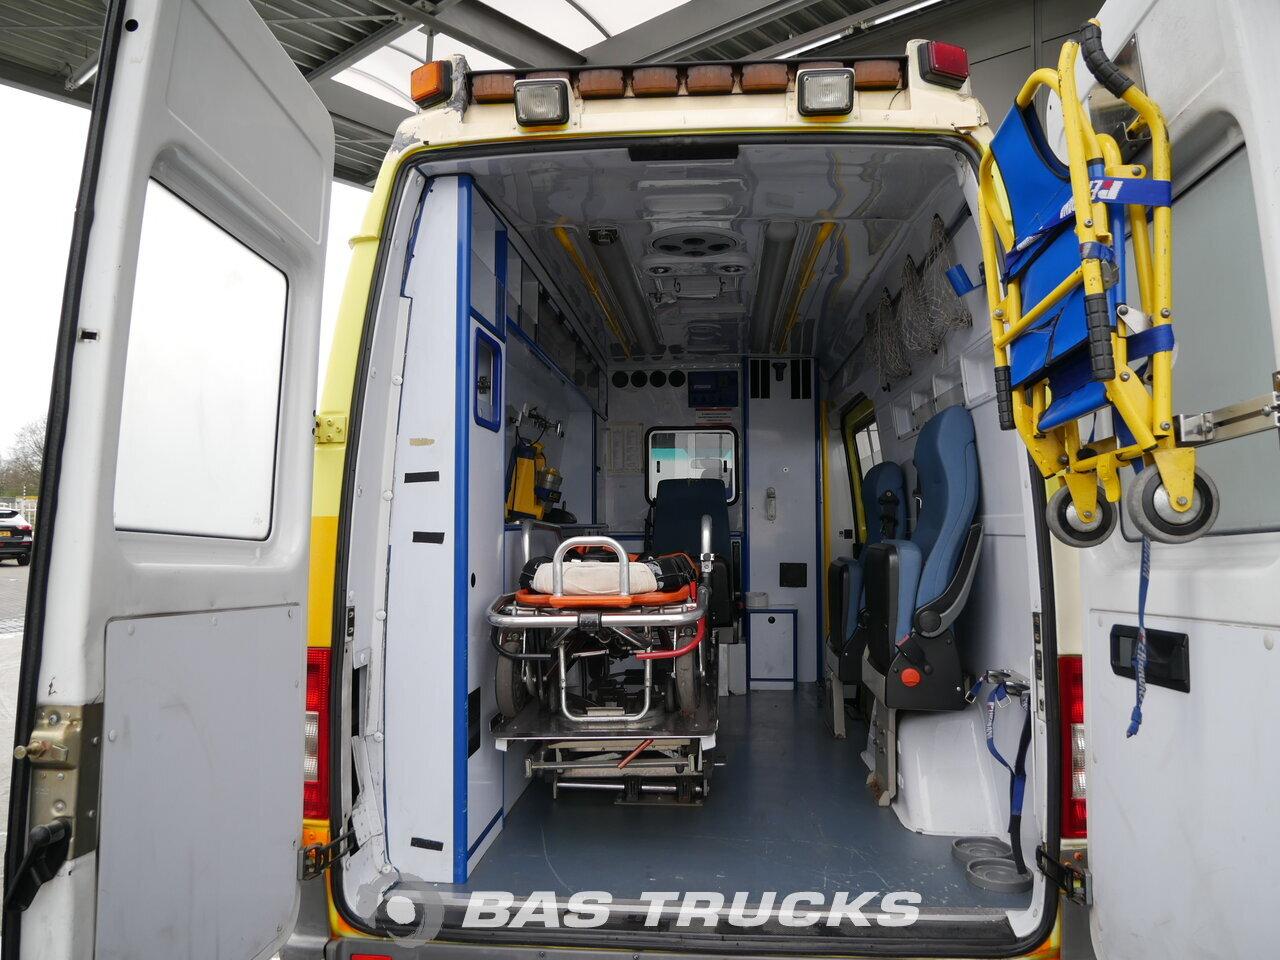 mercedes sprinter leichte nutzfahrzeuge euro 0 5400 bas trucks. Black Bedroom Furniture Sets. Home Design Ideas